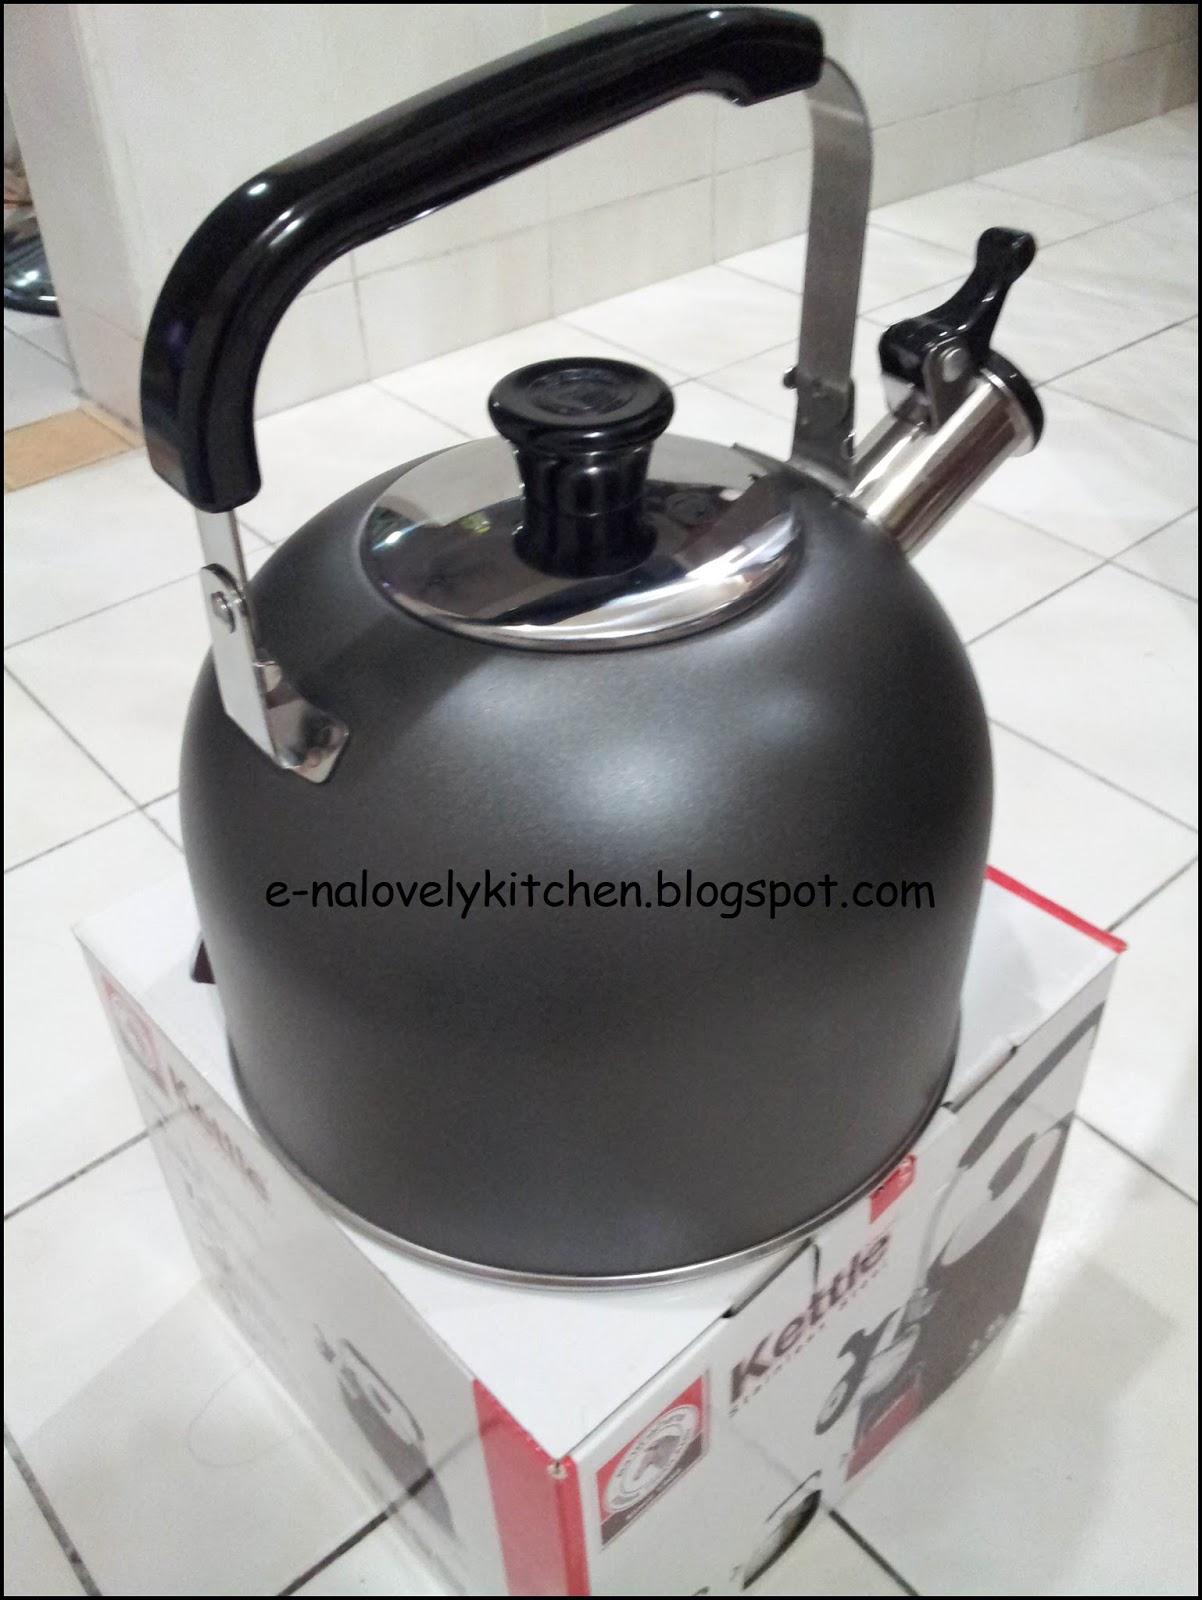 Elok Lagi A Bocor Di Bahagian Tepi Penyambung Antara Badan Dan Bawah Cerek Bila Masak Air Banyak Yang Keluar Atas Dapur